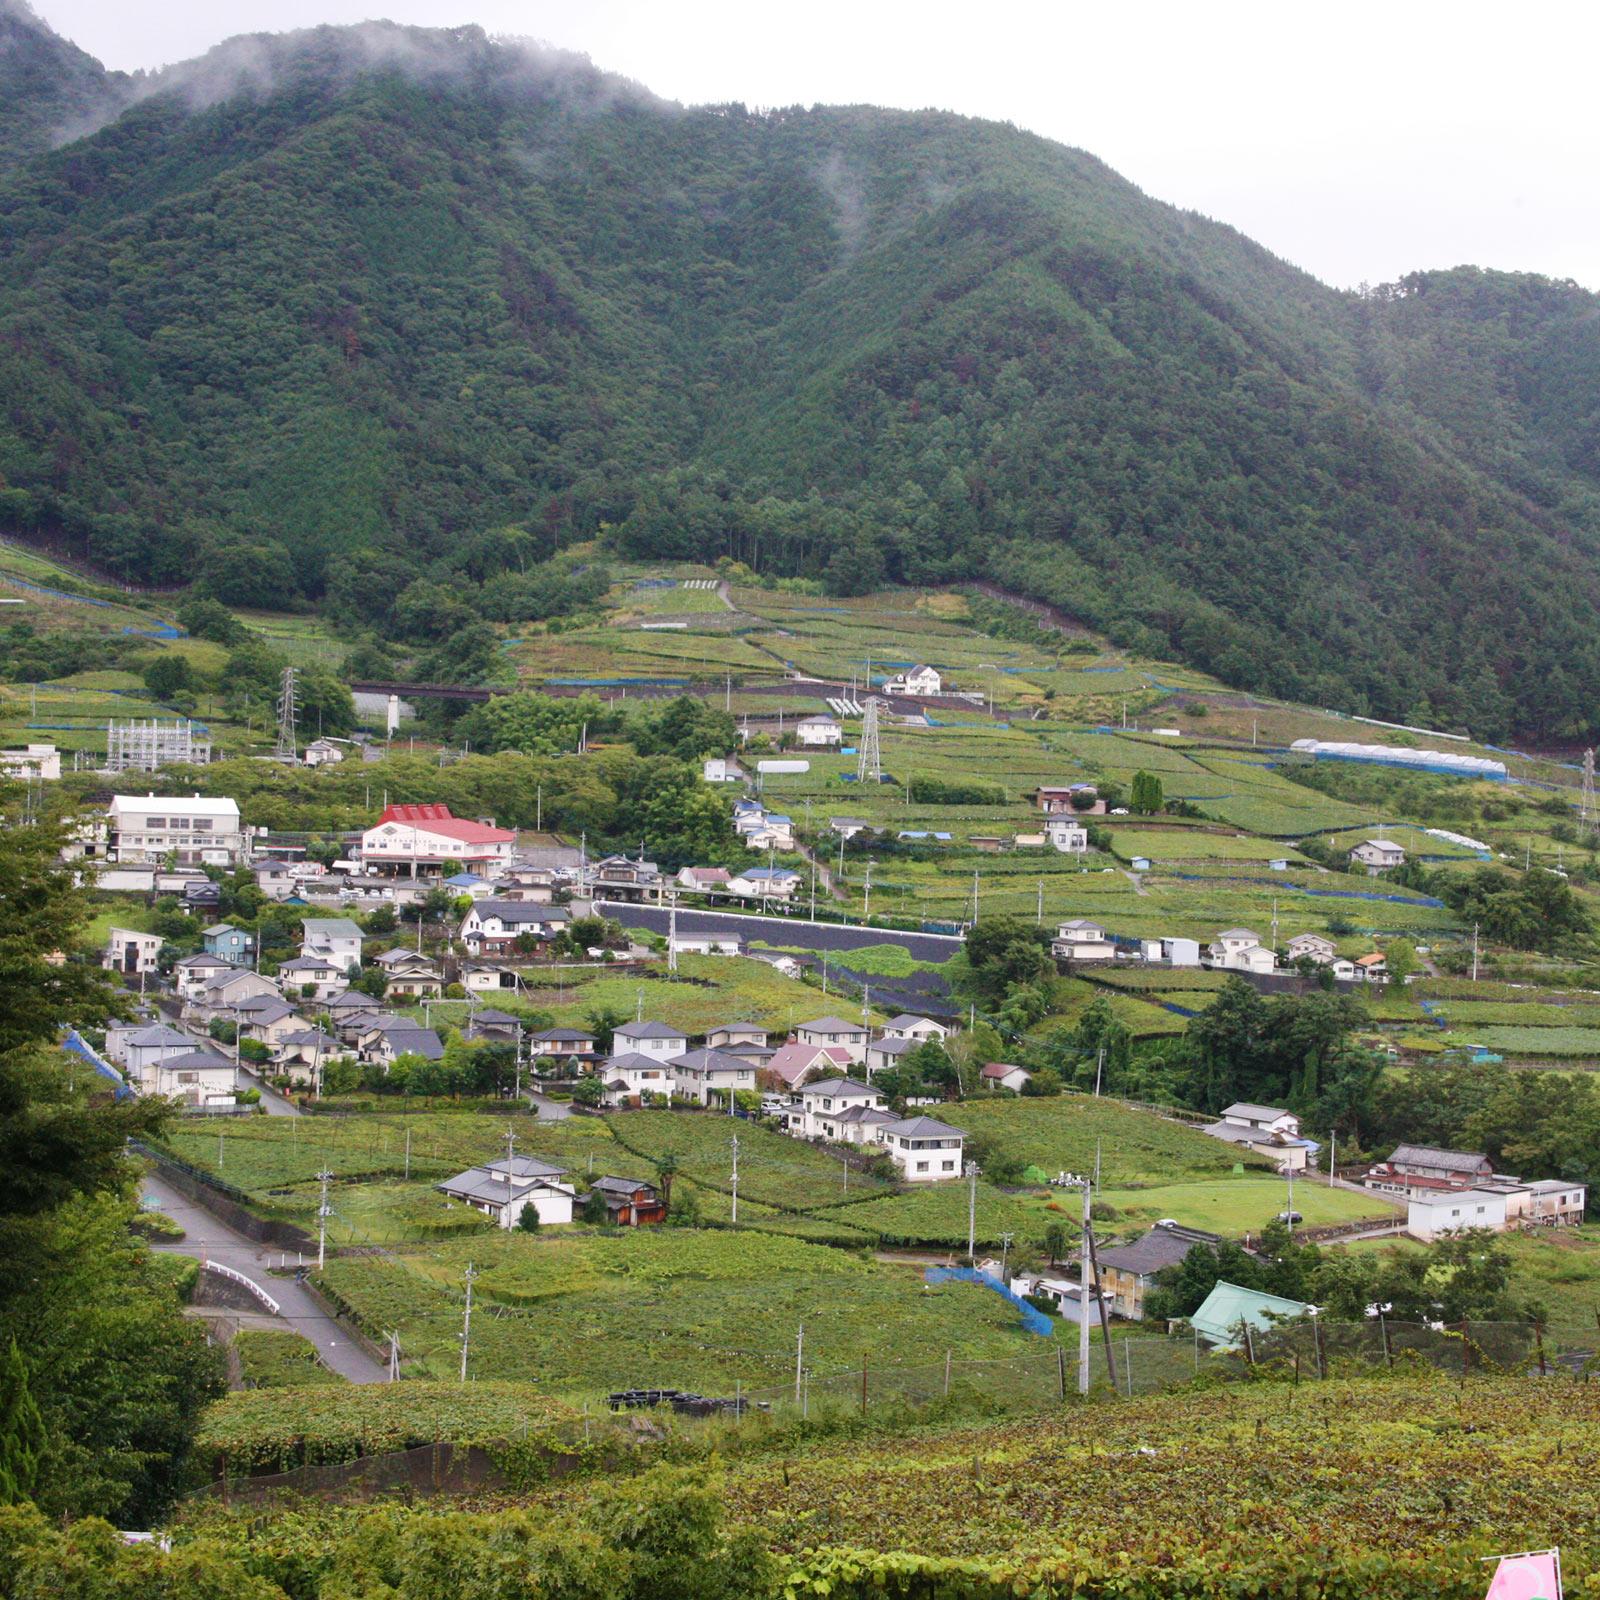 ぶどうの丘の東側には勝沼ぶどう郷駅を中心とした街並みが広がる。